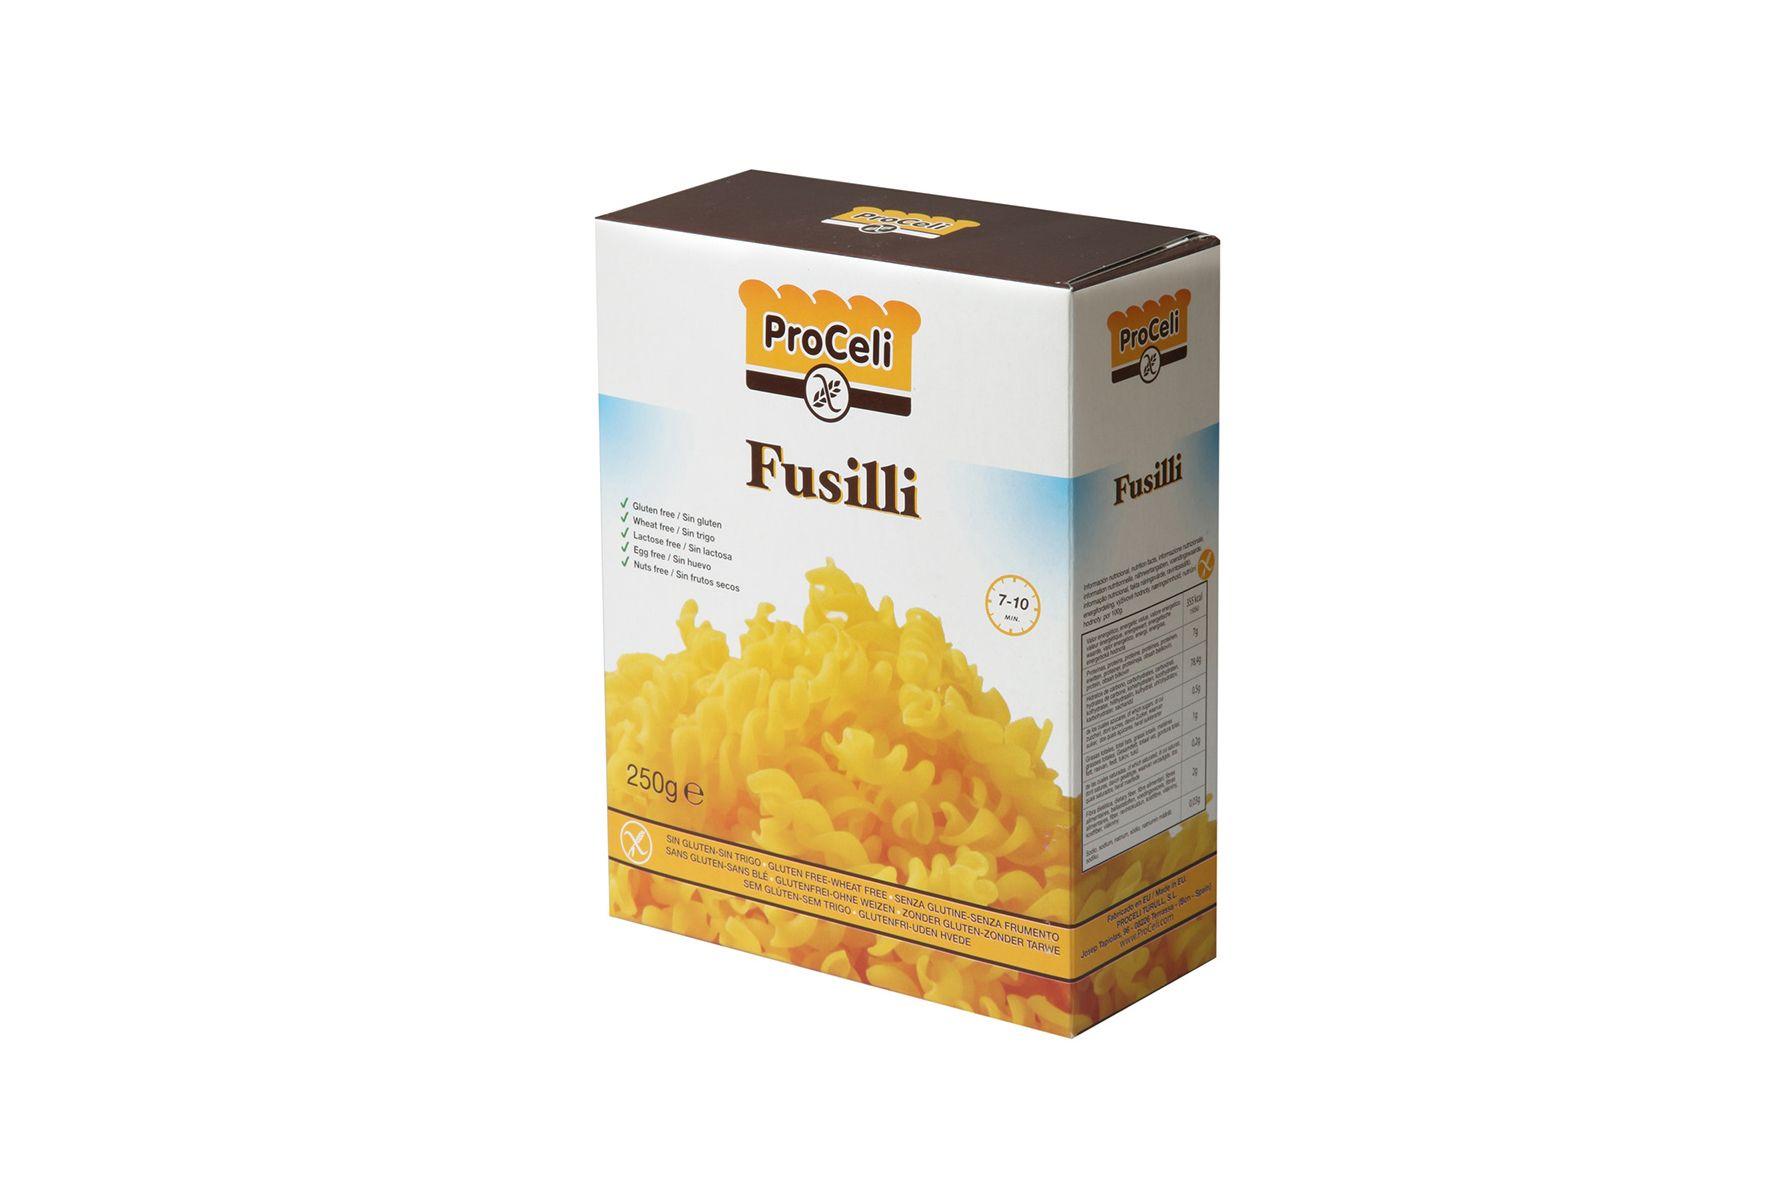 pasta uden gluten